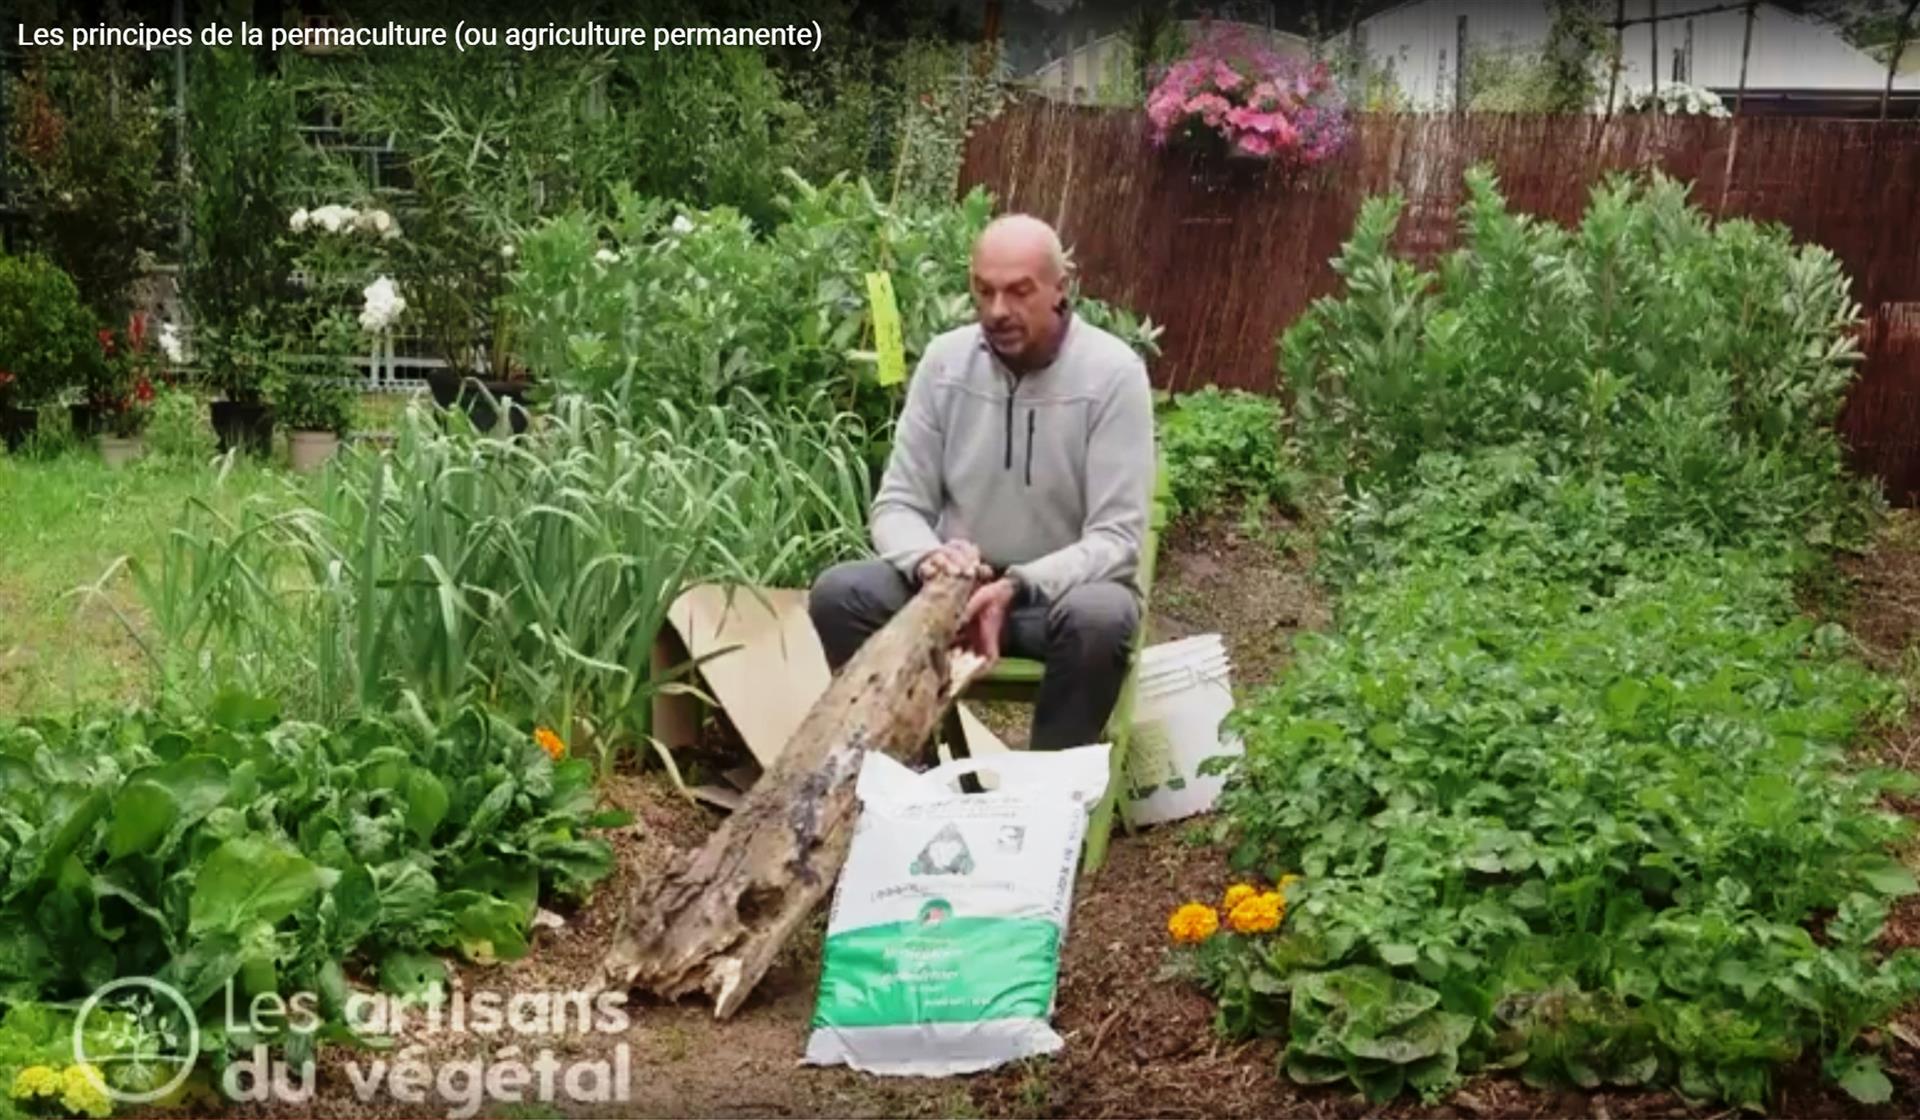 Les principes de la permaculture ou agriculture permanente for Jardin 3 rivieres